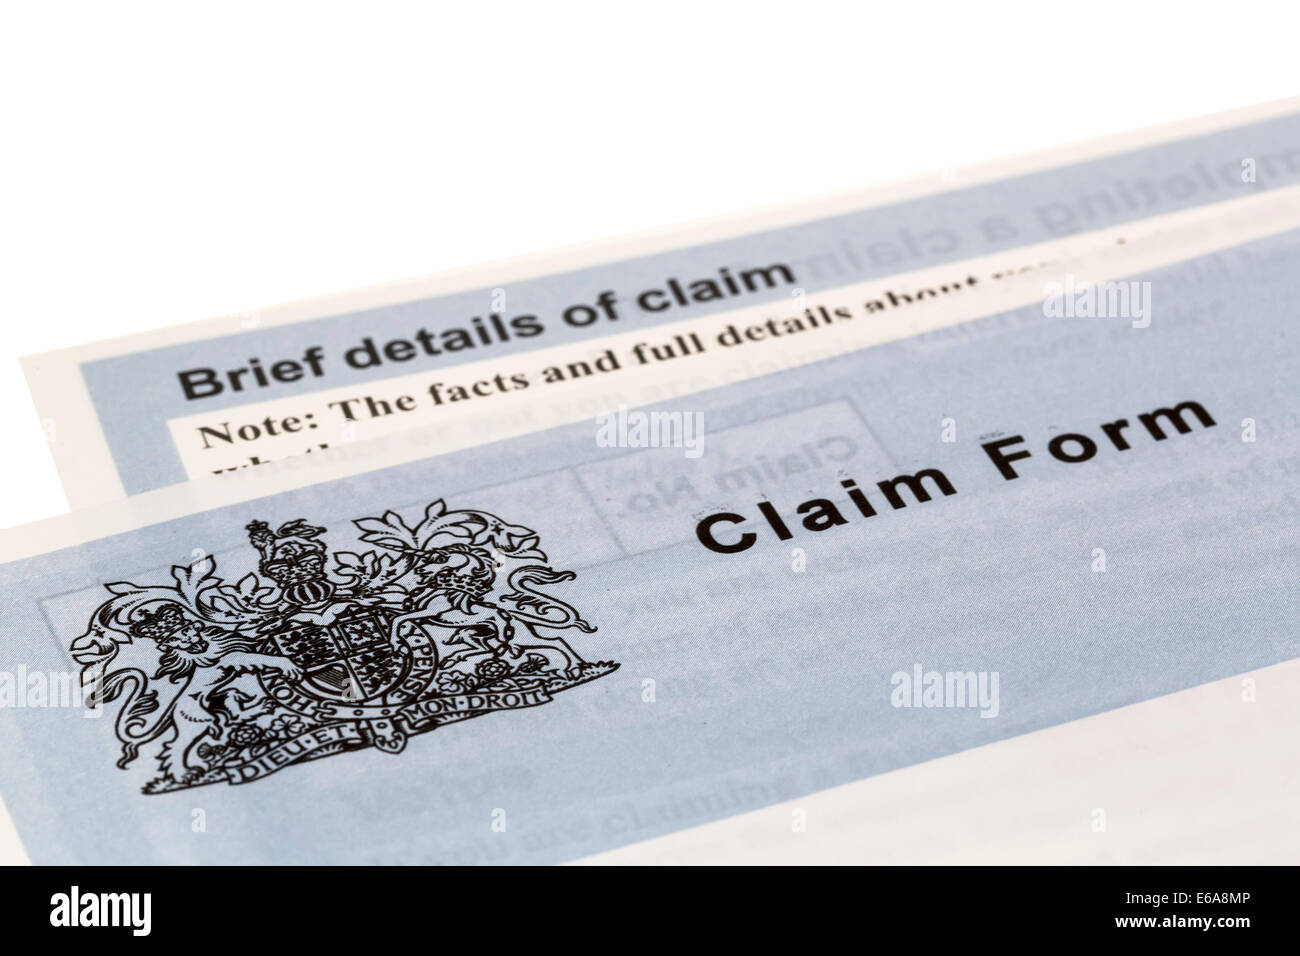 Claim form court leaflet, UK - Stock Image